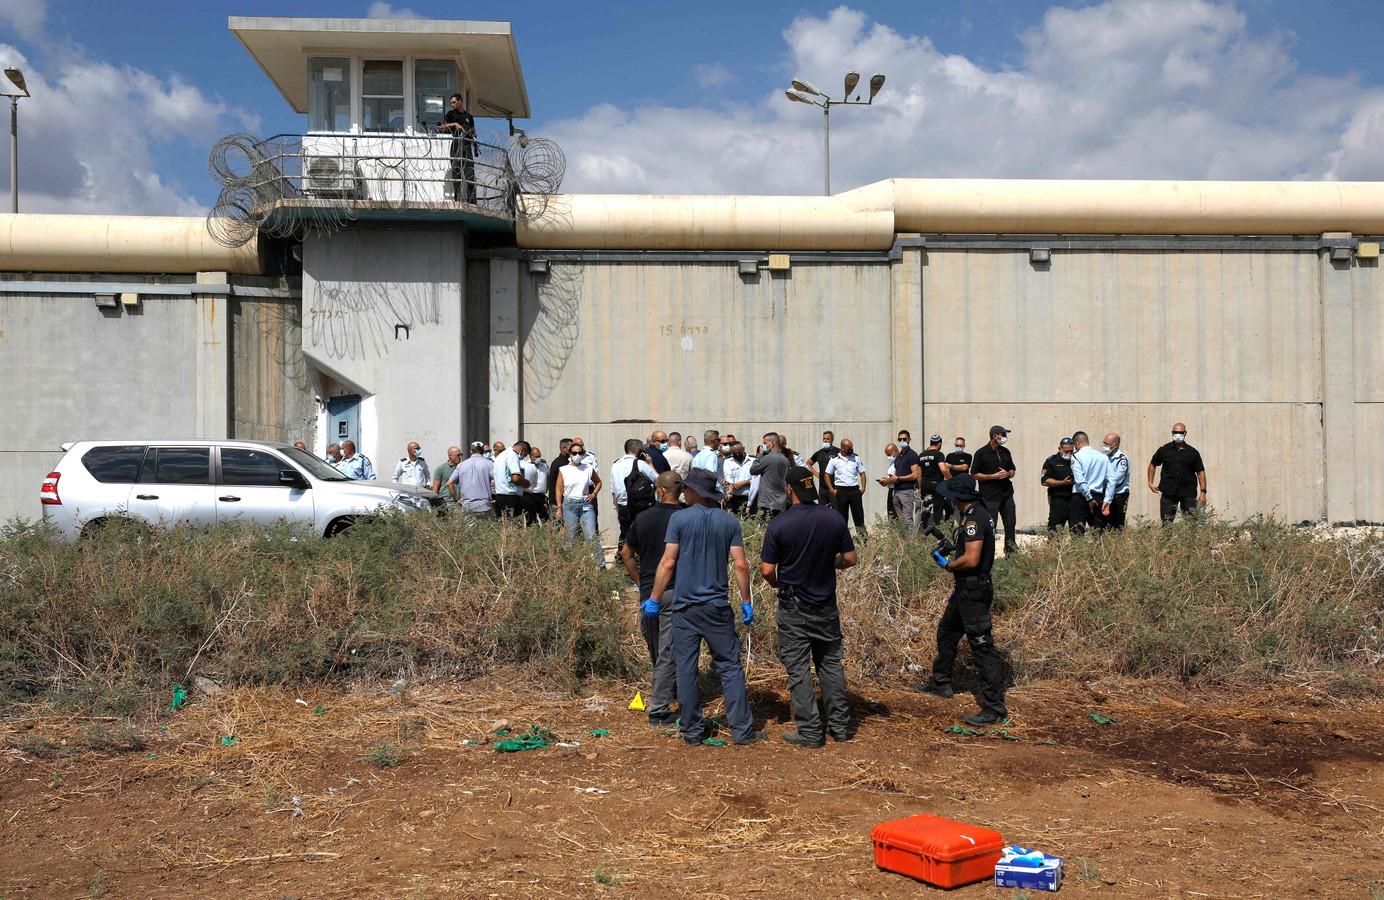 Israëlisch veiligheidspersoneel zoekt bij de tunneluitgang naar sporen van de zes.